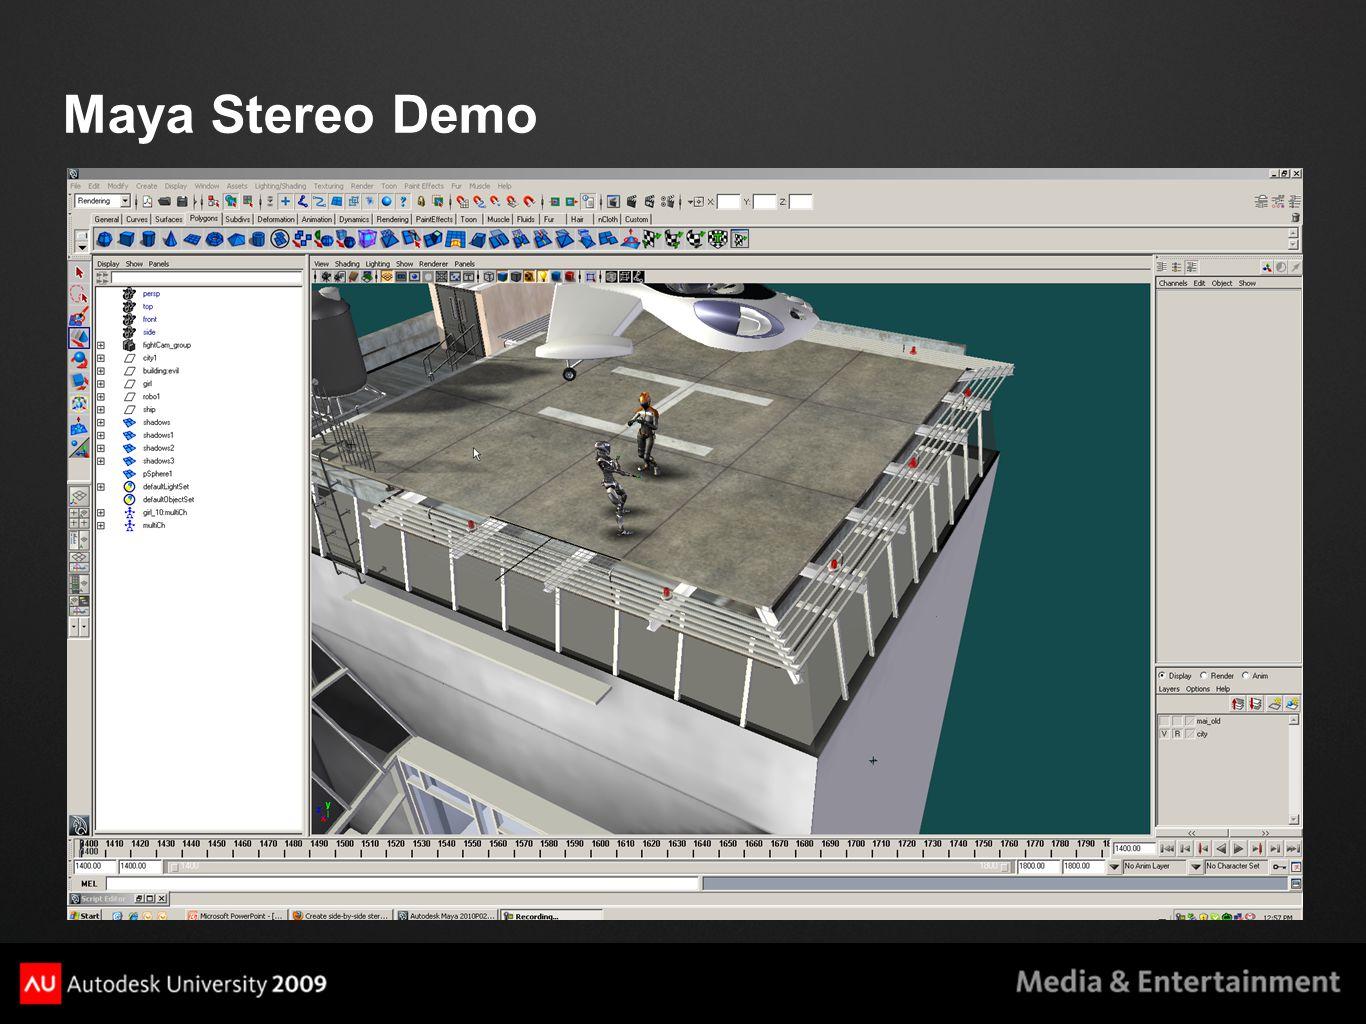 Maya Stereo Demo